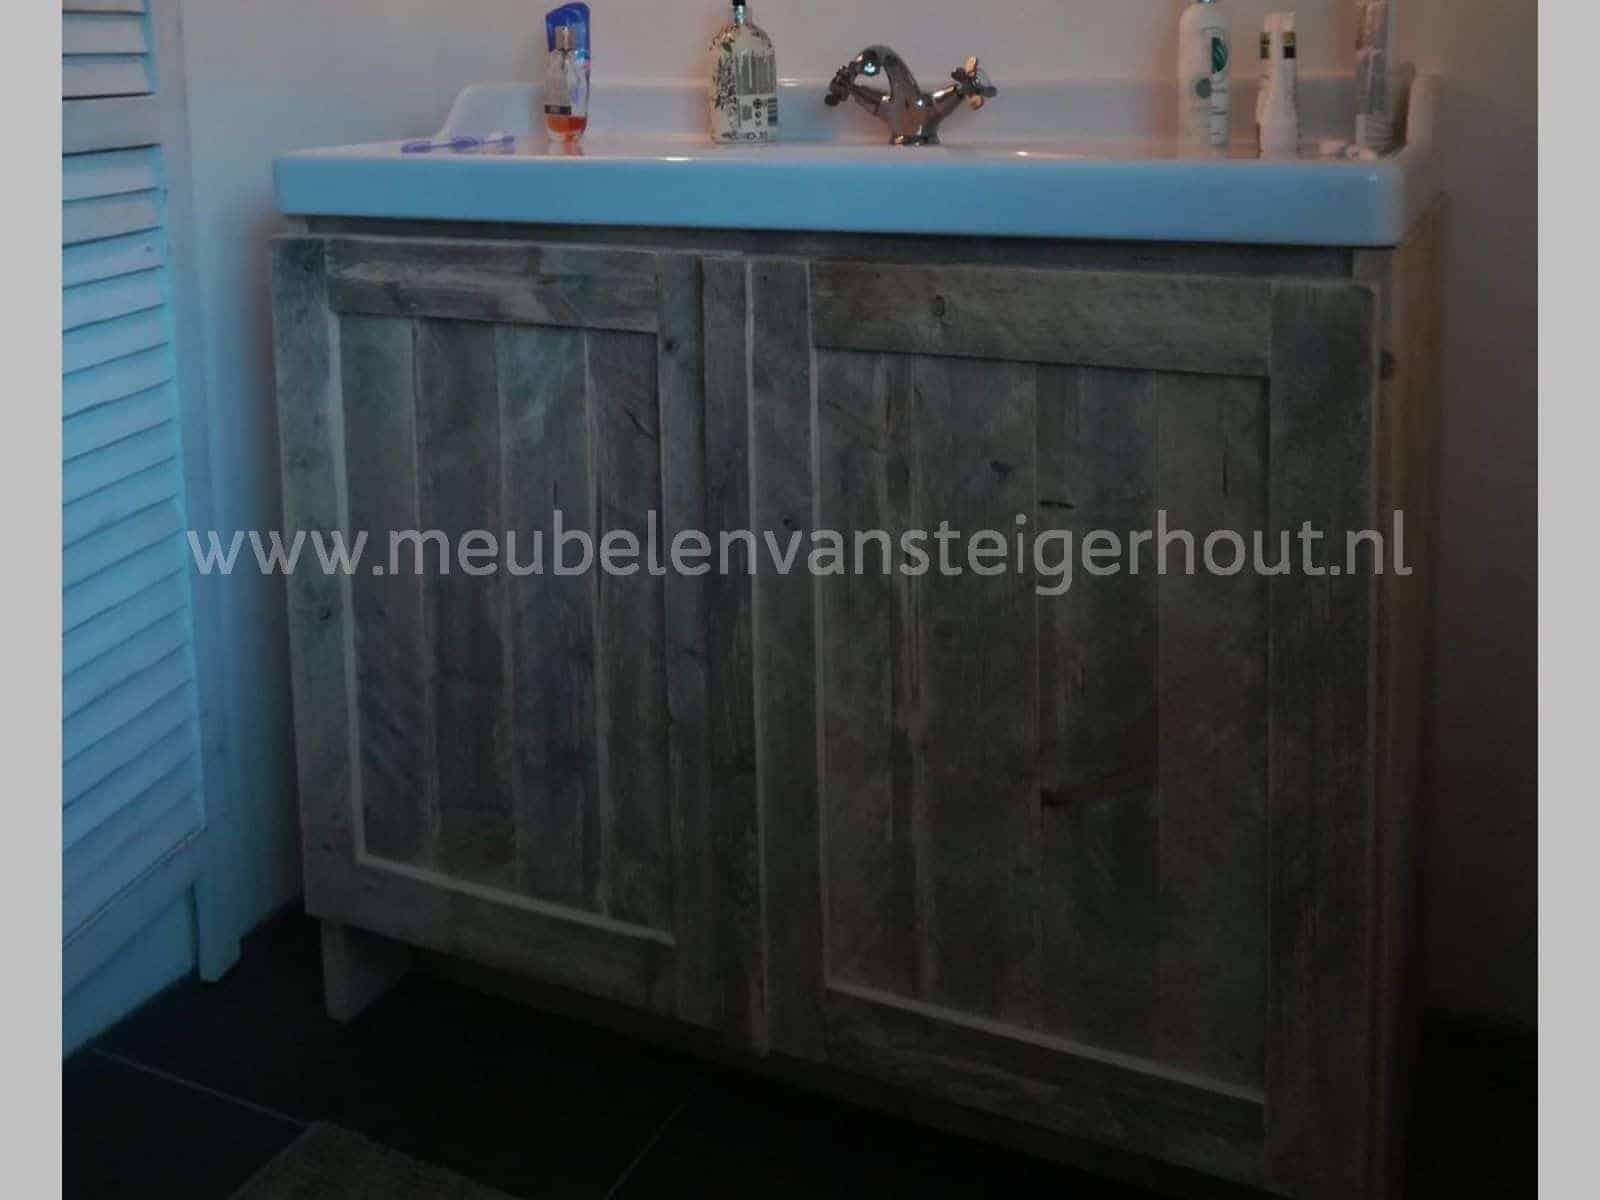 Badkamer Meubel Ikea : Badmeubel steigerhout meubelen van steigerhout